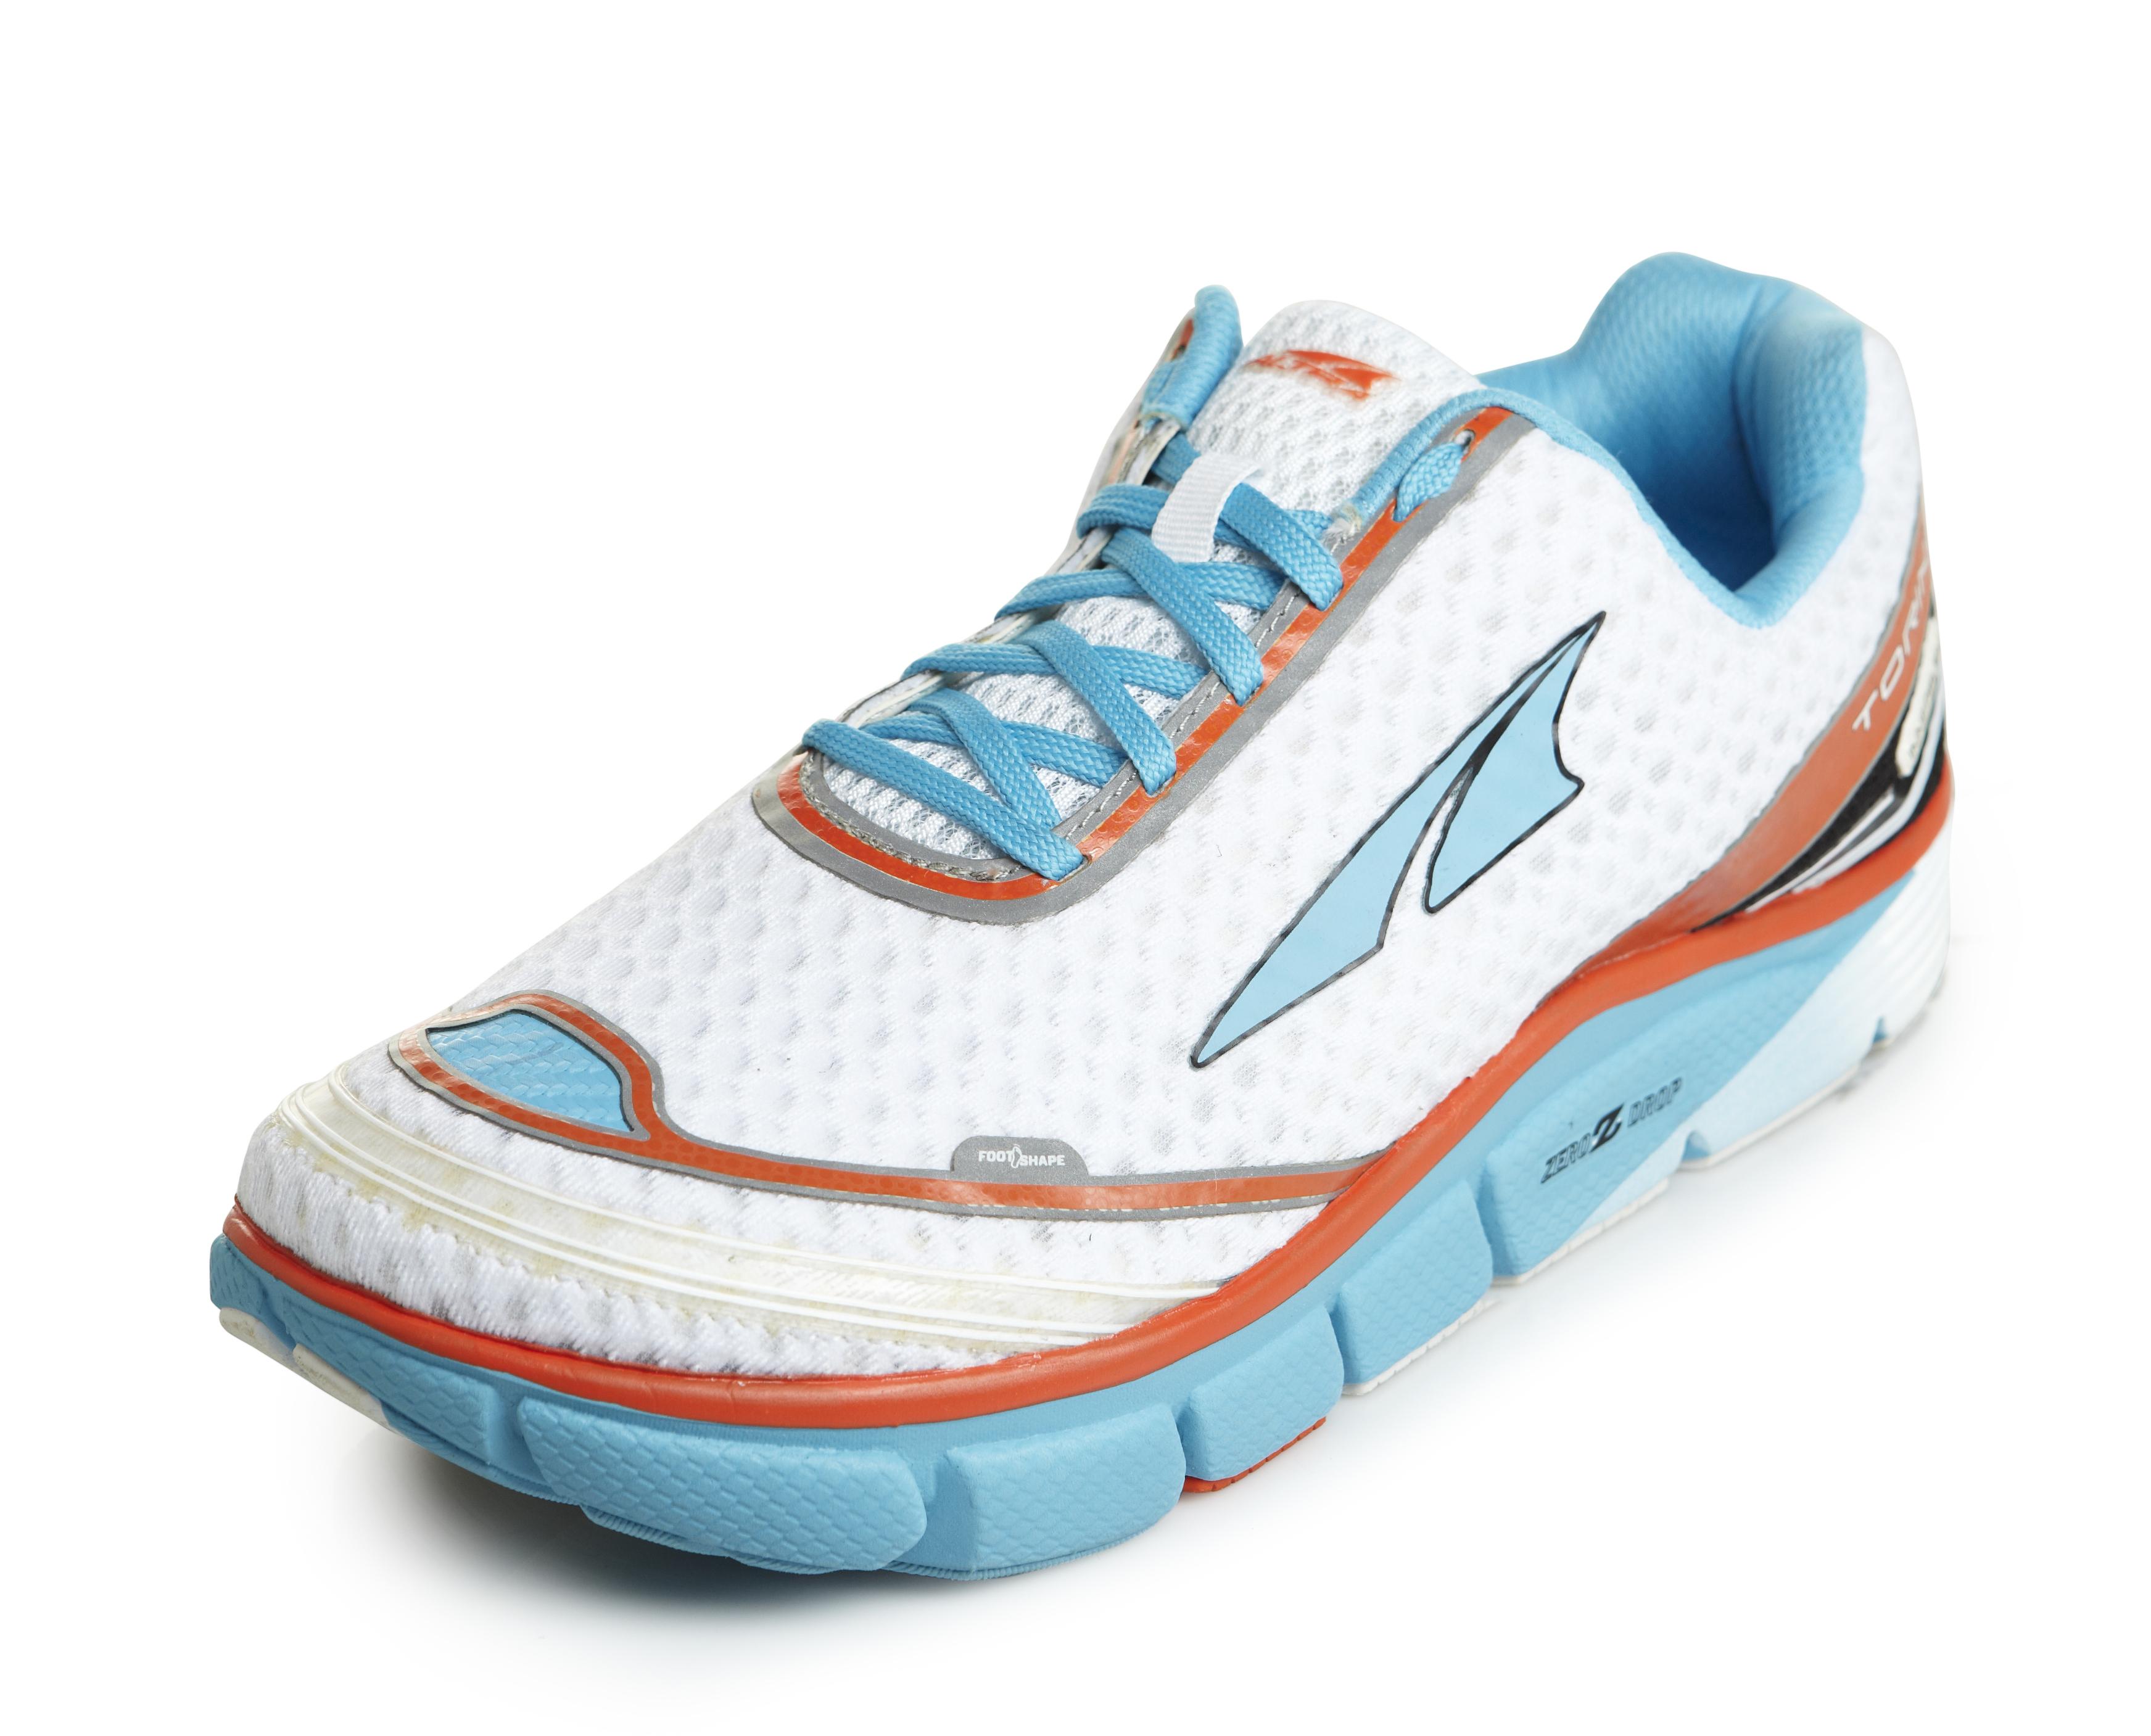 Altra All White Shoe